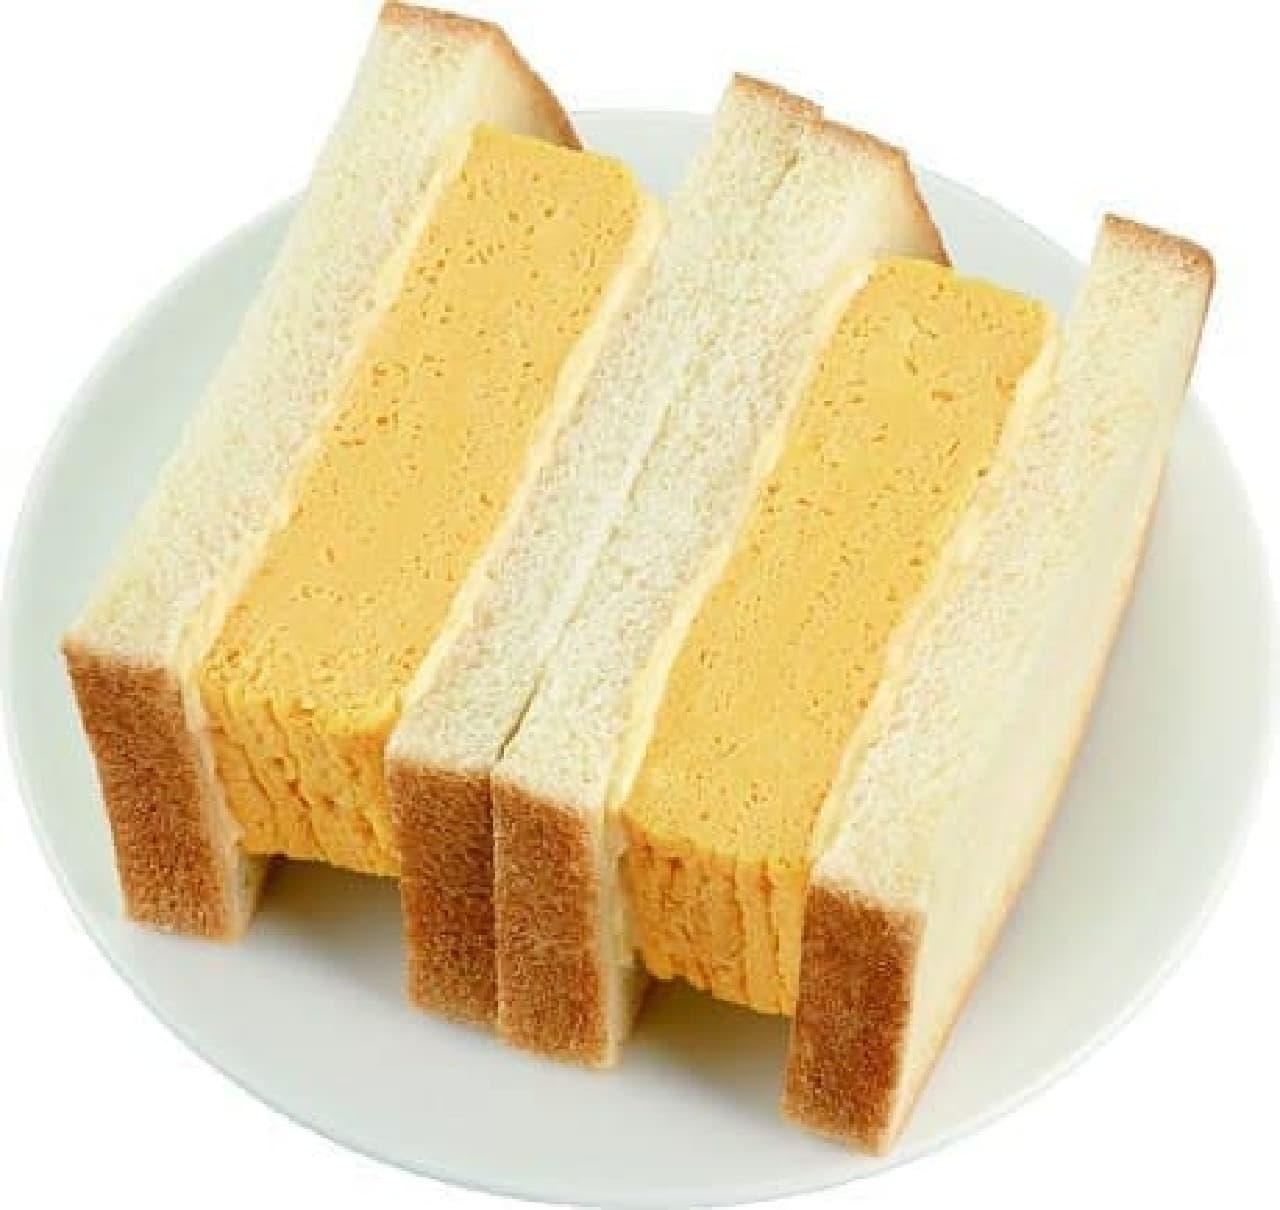 ミニストップの「厚焼き玉子サンド」